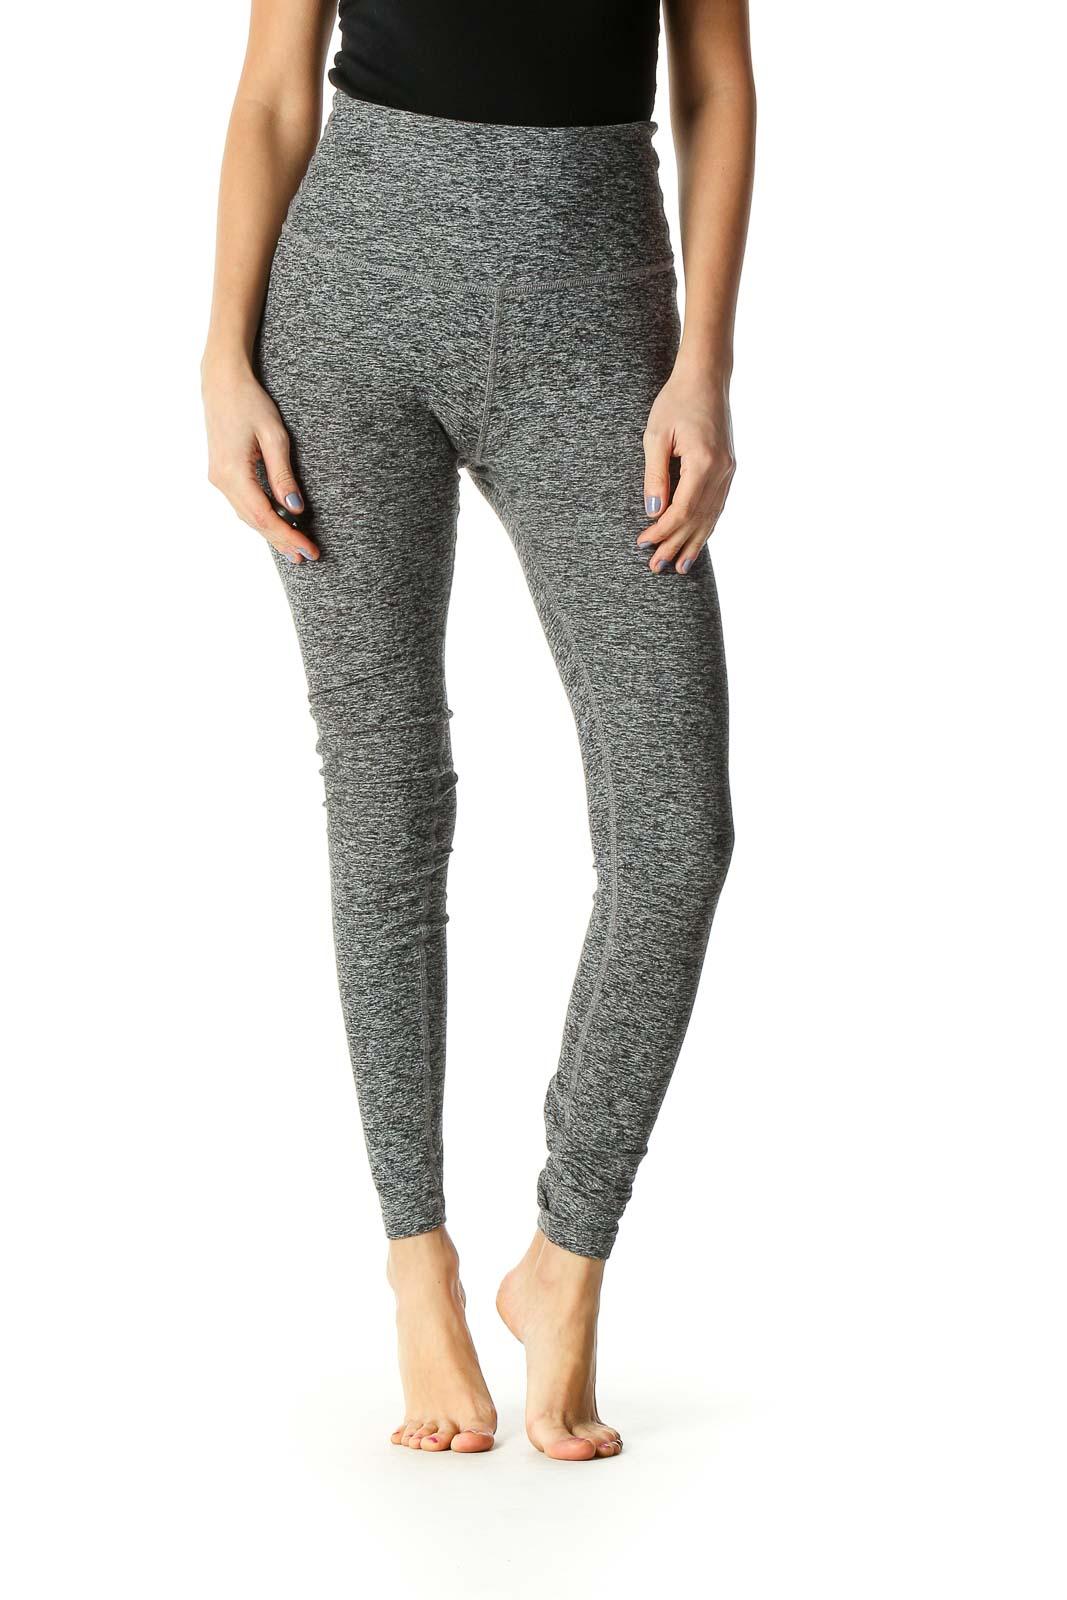 Gray Animal Print Casual Leggings Front